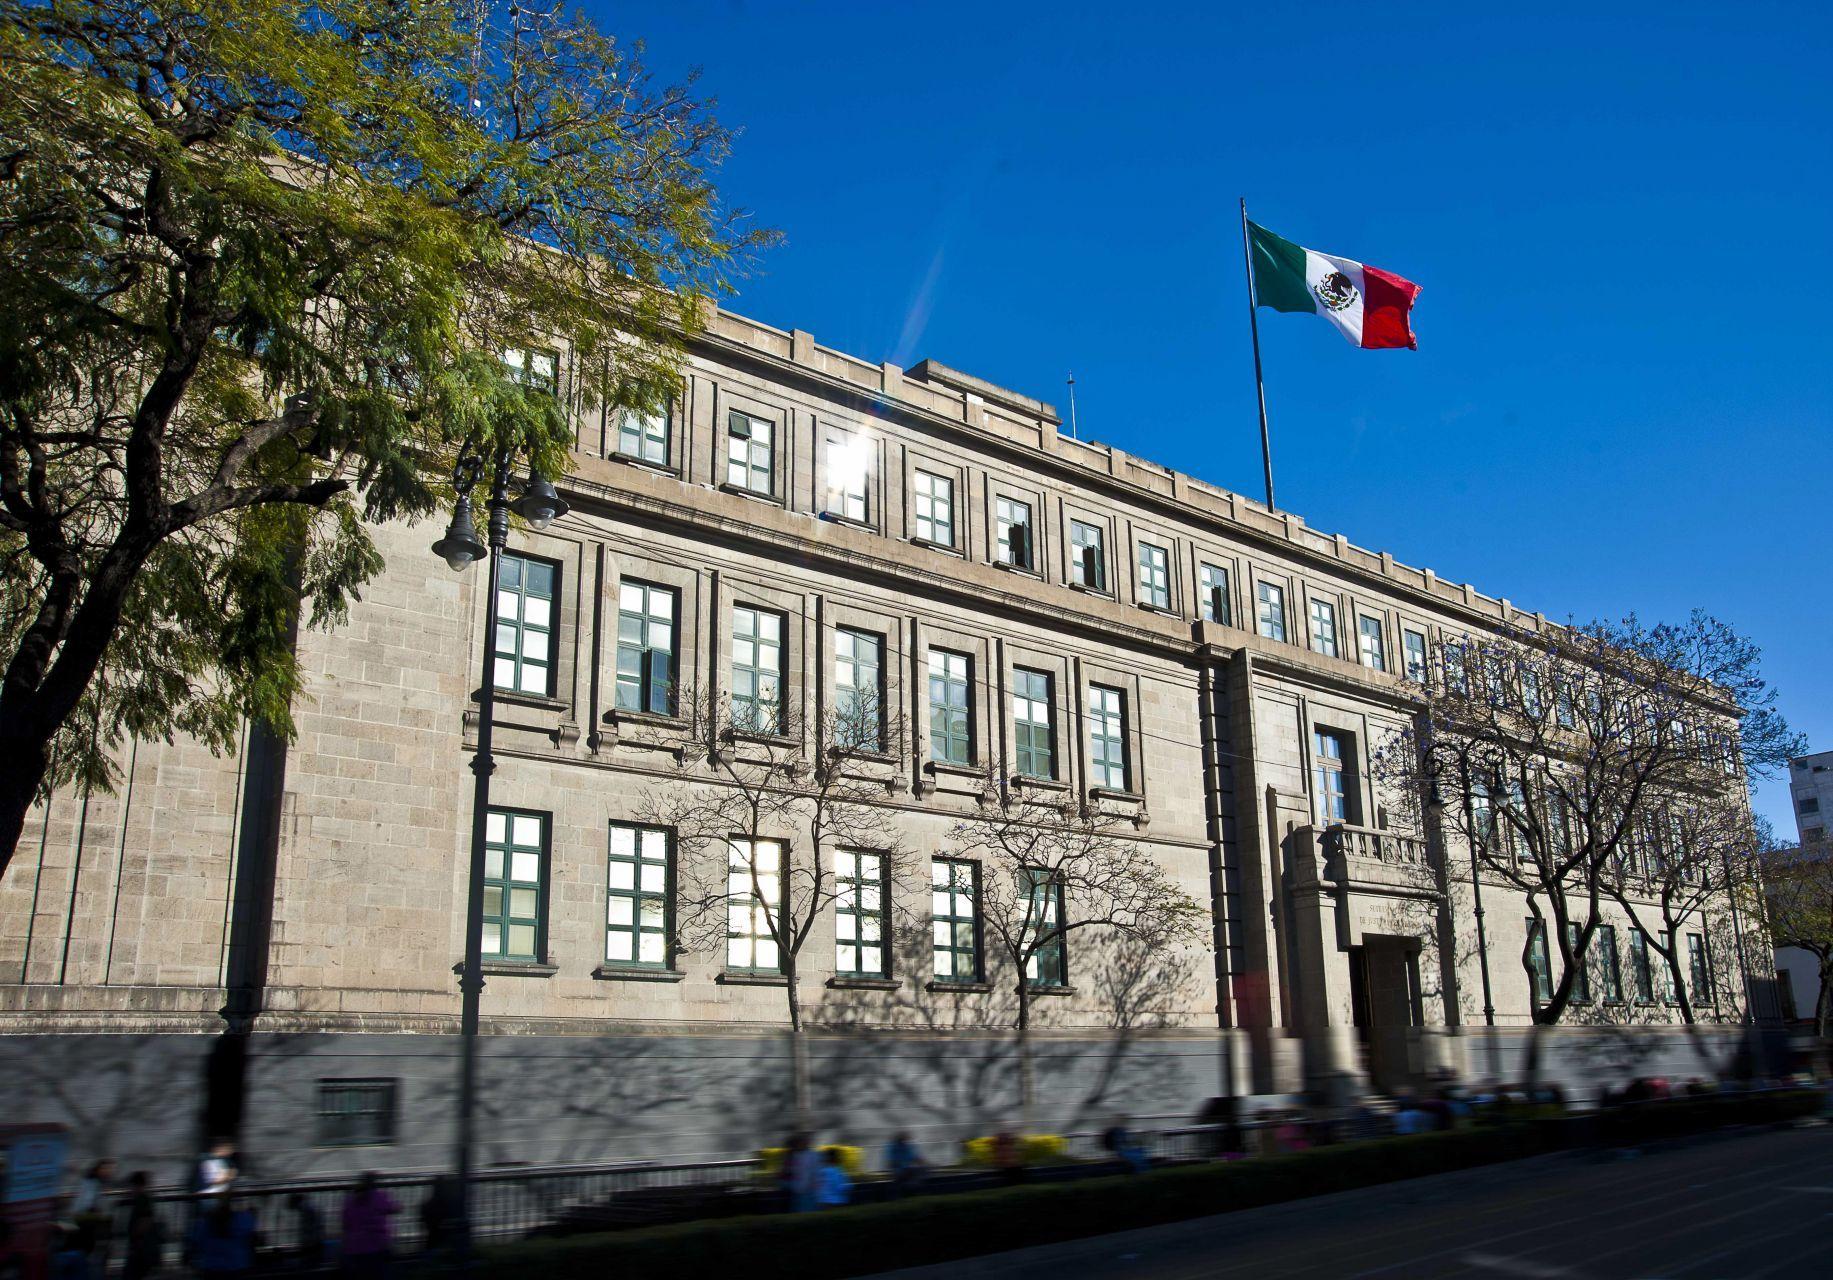 GASTO RÉCORD PESE A PANDEMIA. El Inegi reportó un gasto de 66.4 mil millones de pesos durante el 2020 por parte del Poder Judicial. El Instituto detalló que el gasto se divide entre la Suprema Corte, el Tribunal Electoral y el Consejo de la Judicatura Federal, siendo esta la de mayor gasto.